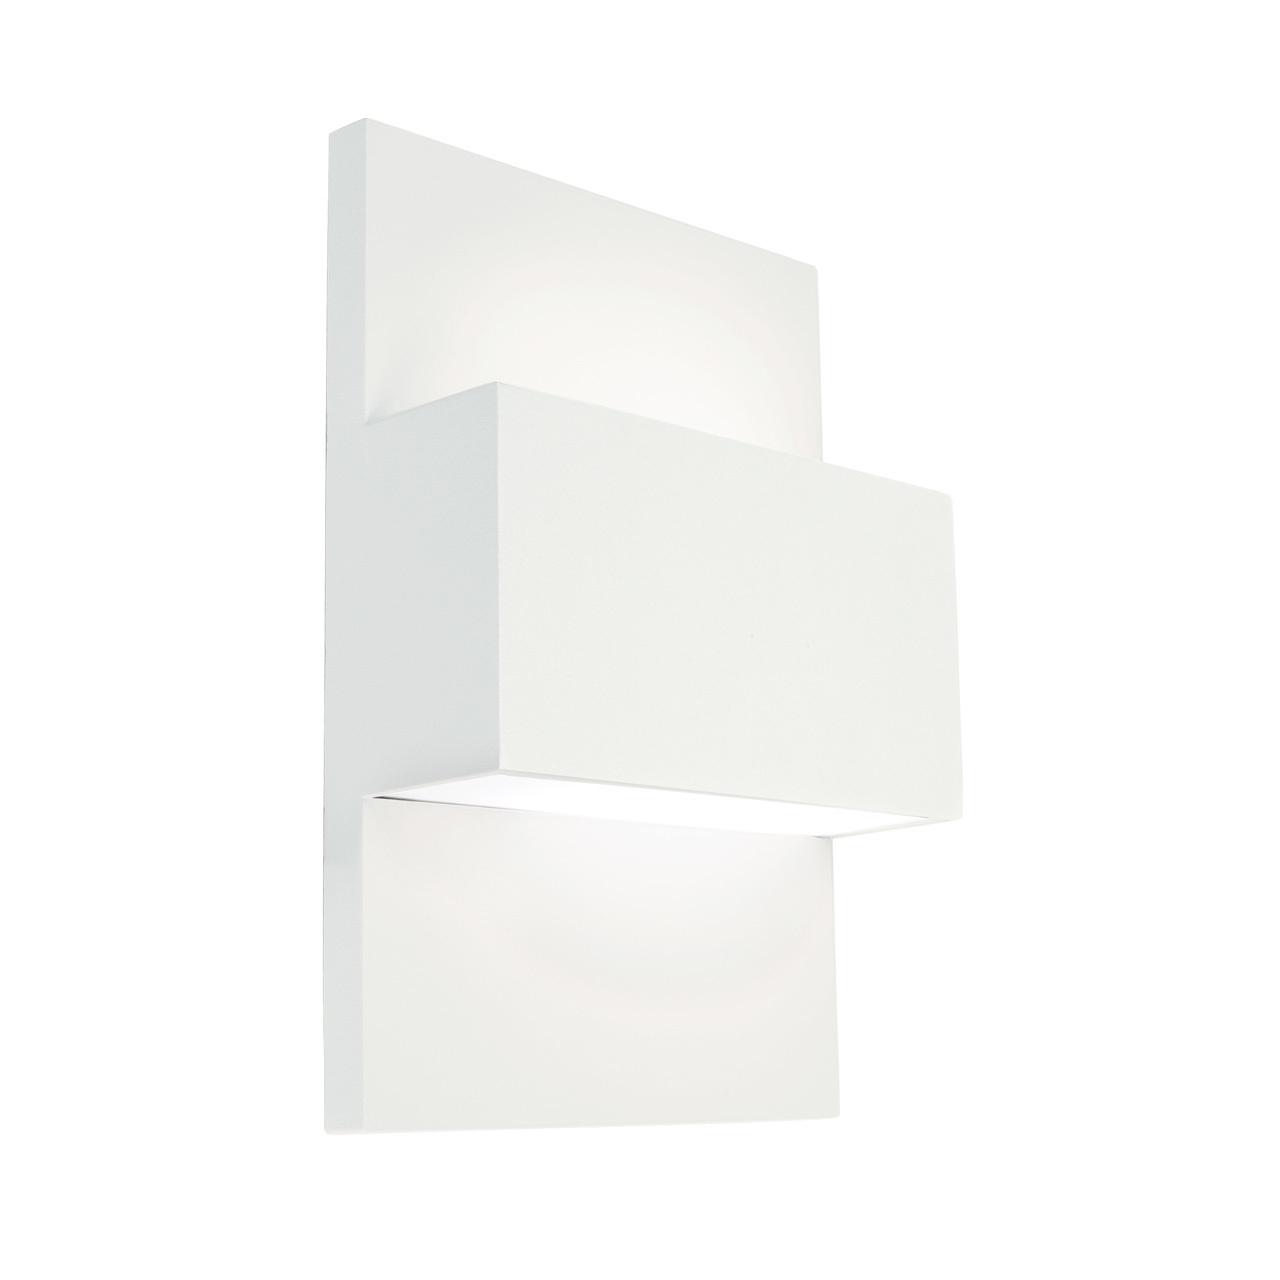 Lampa ścienna GENEVE 874W -Norlys  SPRAWDŹ RABATY  5-10-15-20 % w koszyku